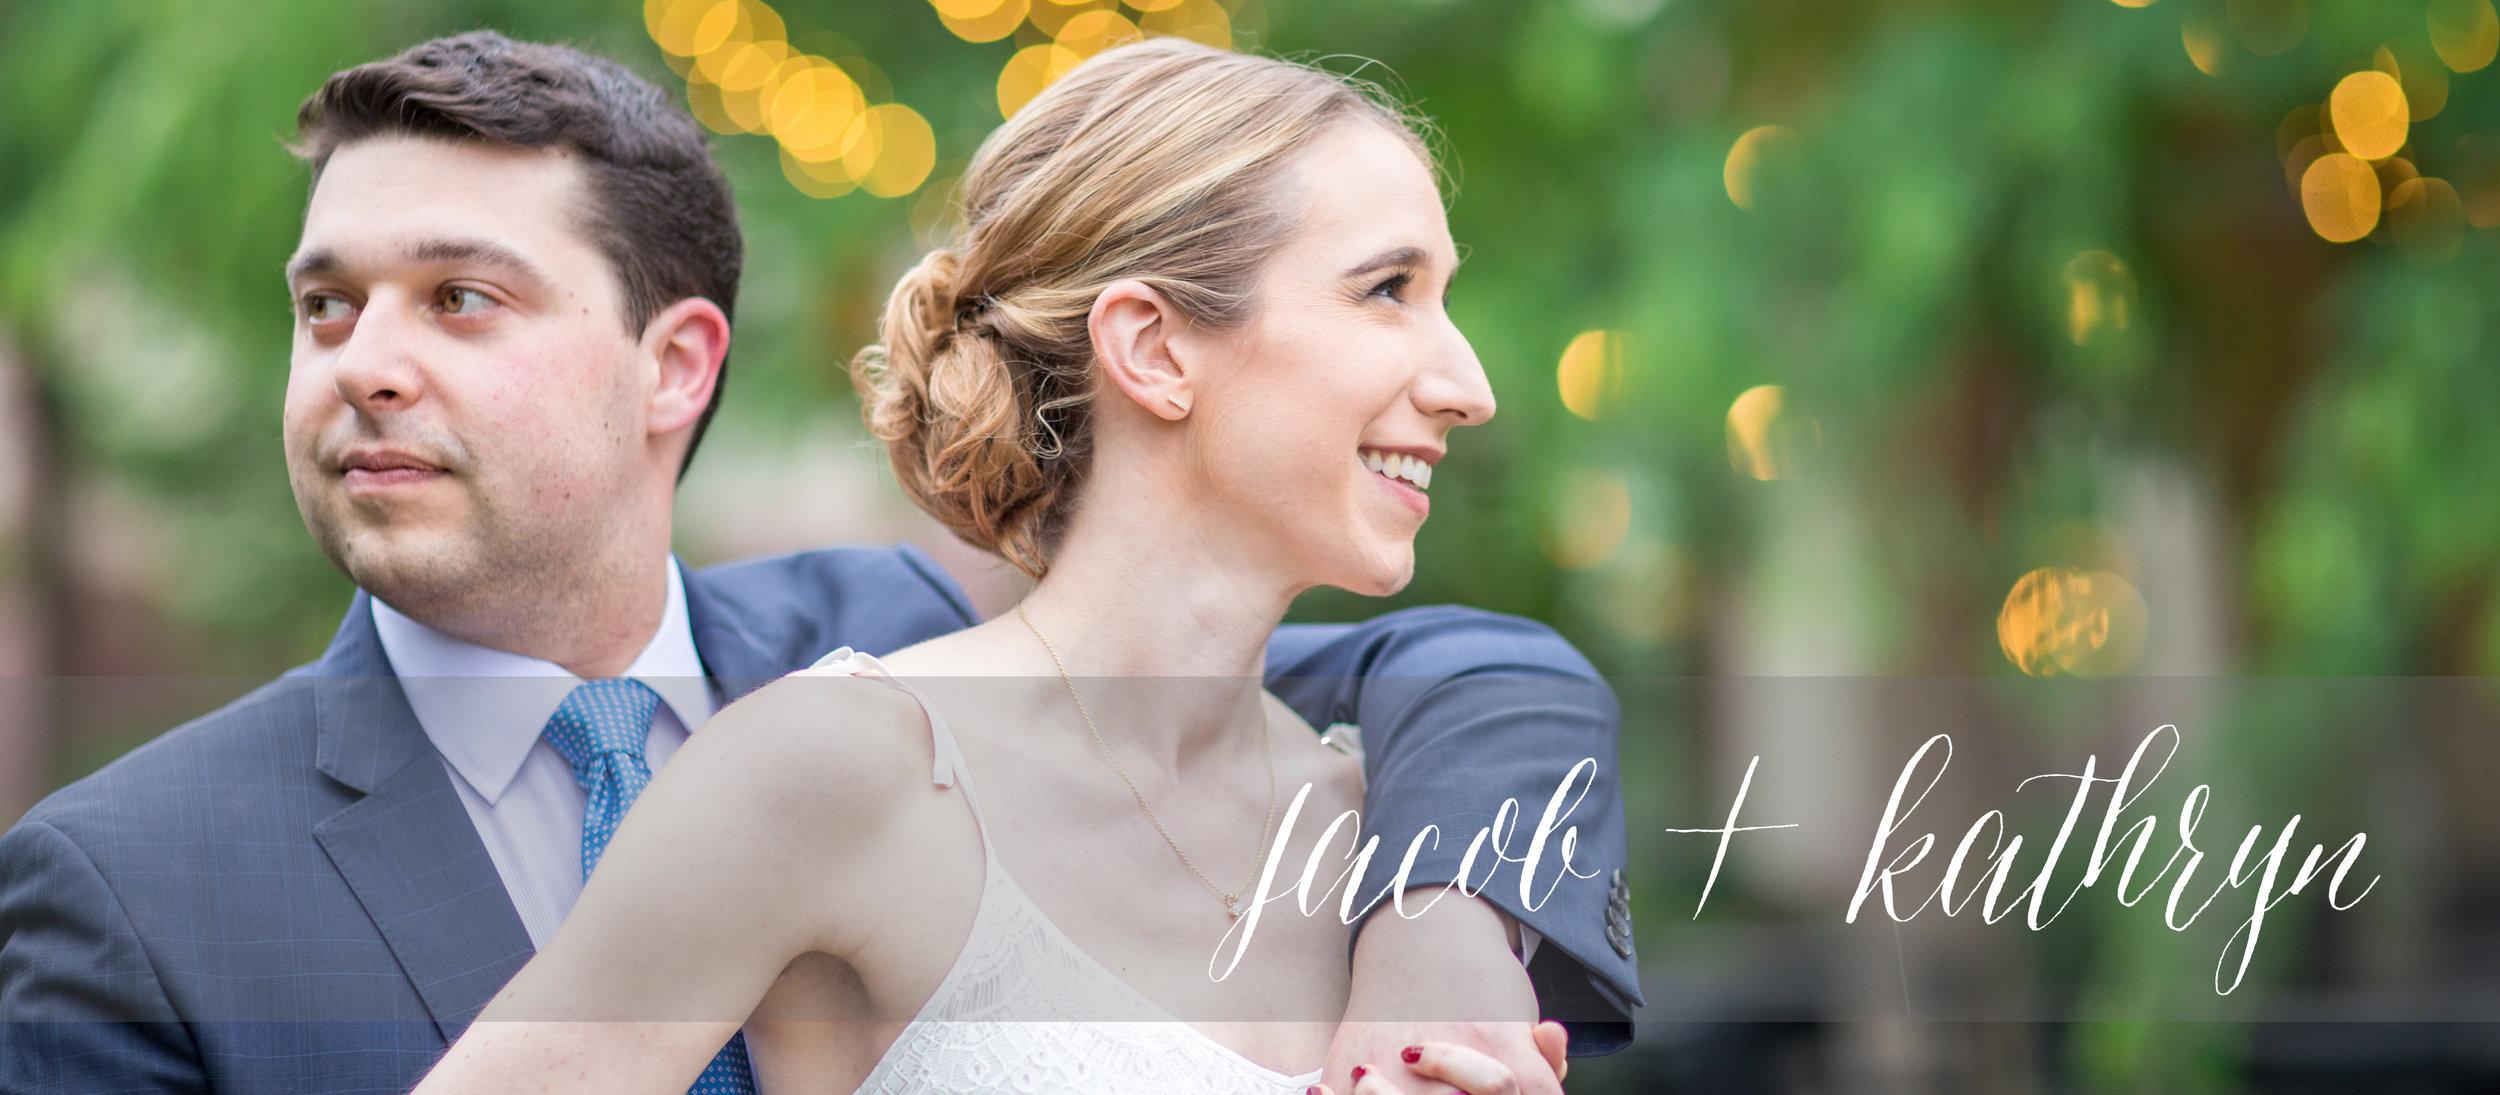 best washington dc wedding photographers emotion color story